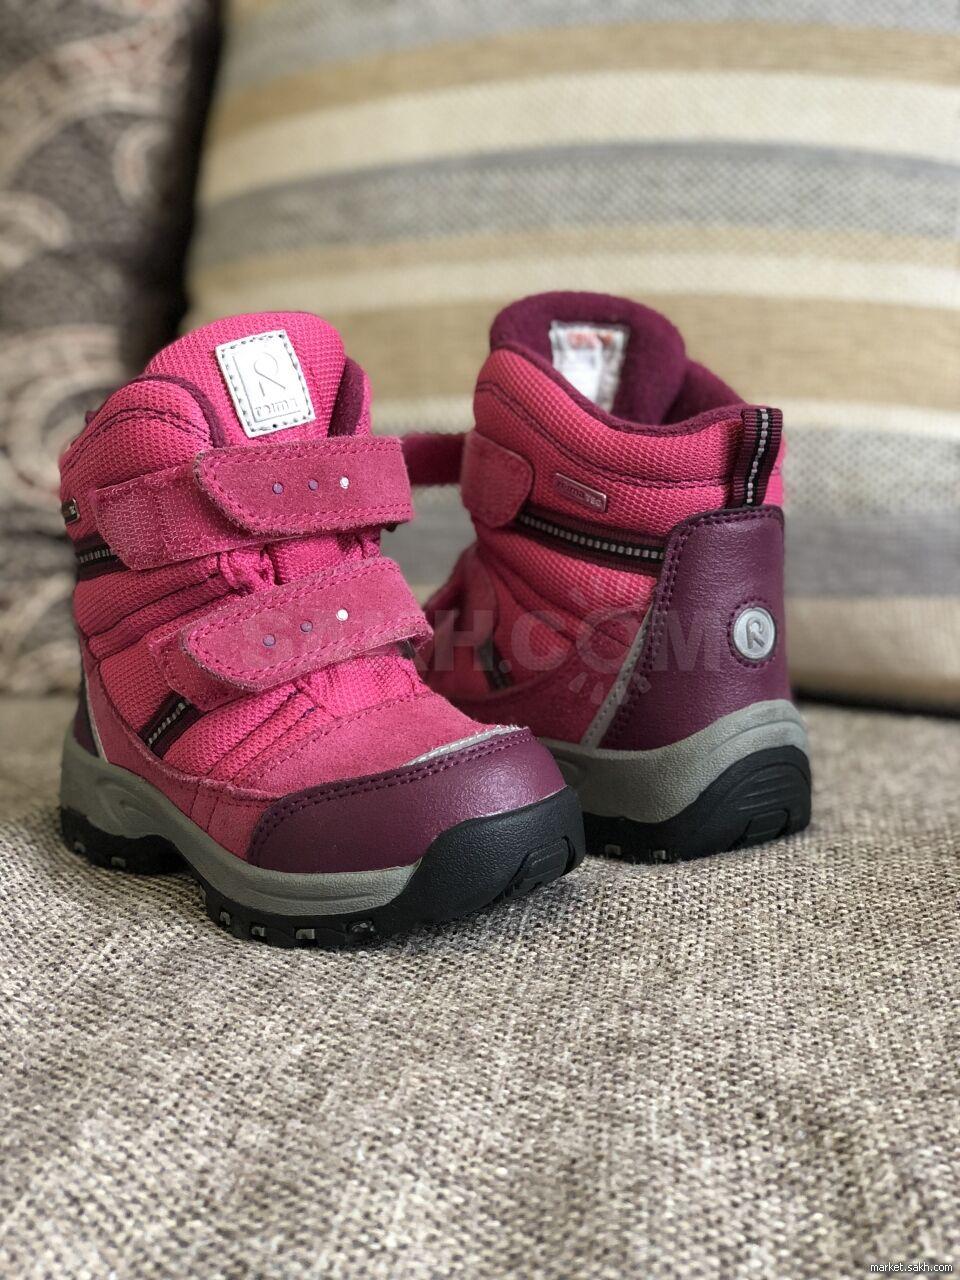 Эти стильные зимние ботинки изготовлены из сочетания телячьей замши и  текстиля. Они имеют непромокаемую конструкцию с водонепроницаемой мембраной. bdf7f08a8d17e